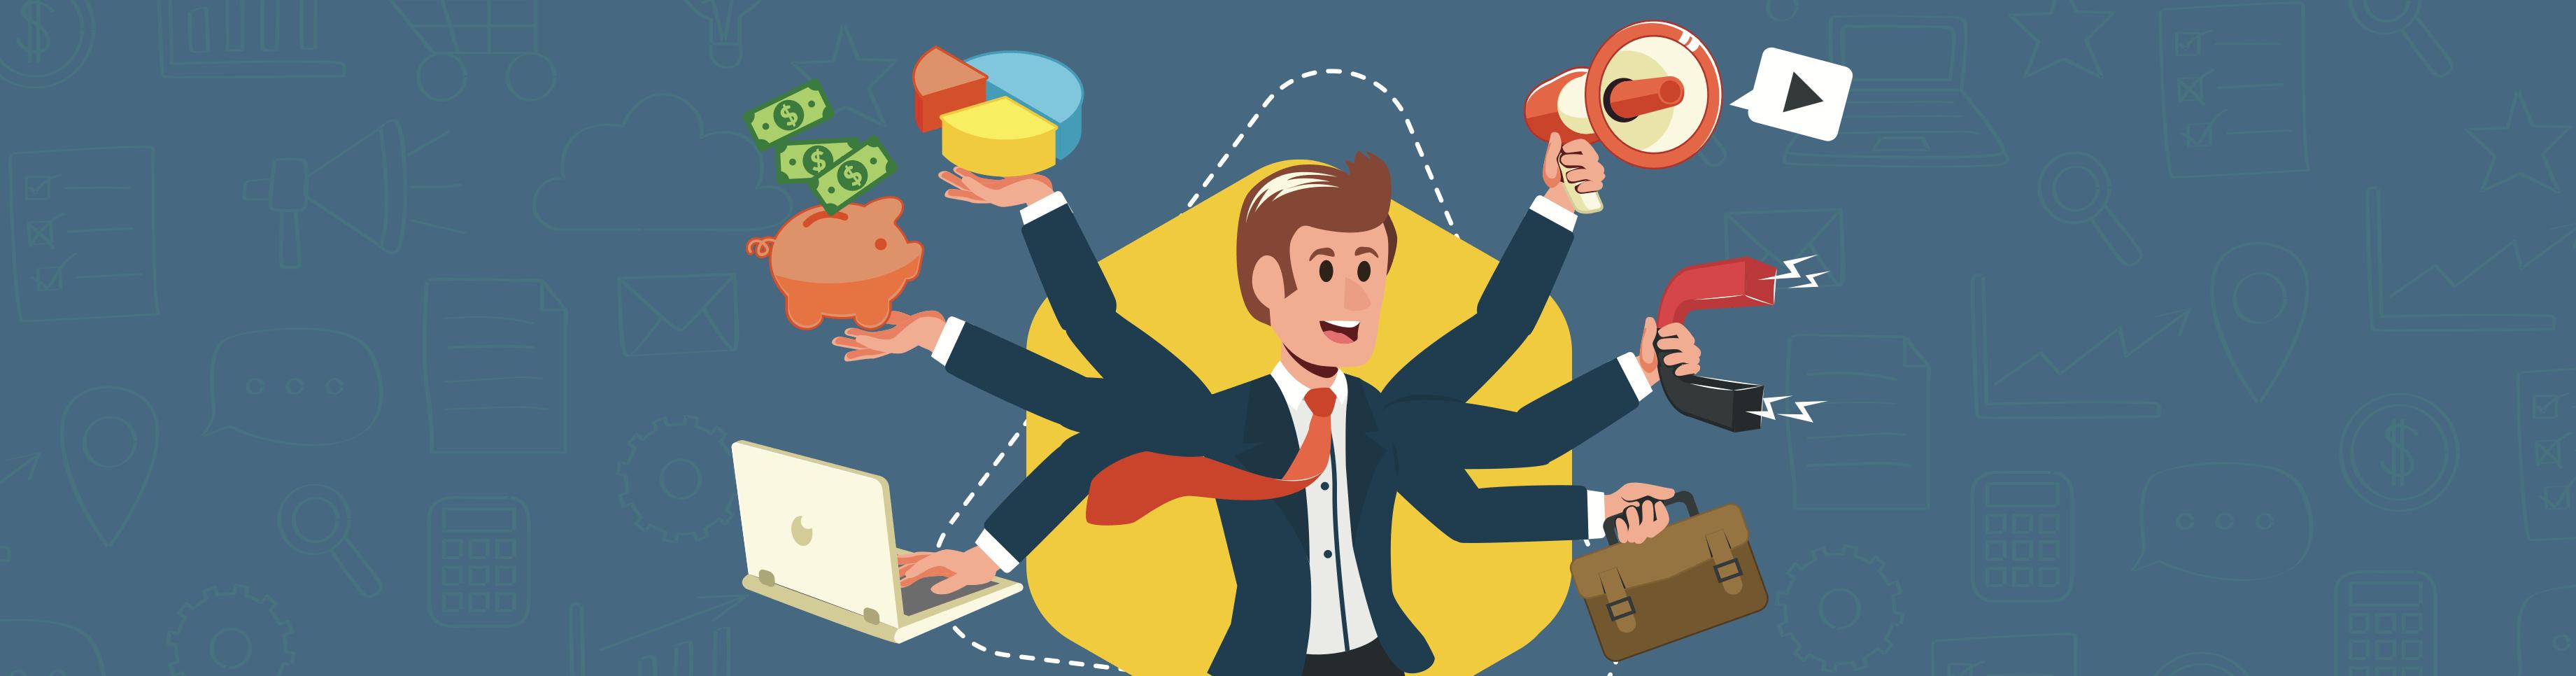 Dicas de comunicação e Marketing para Bares e Restaurantes